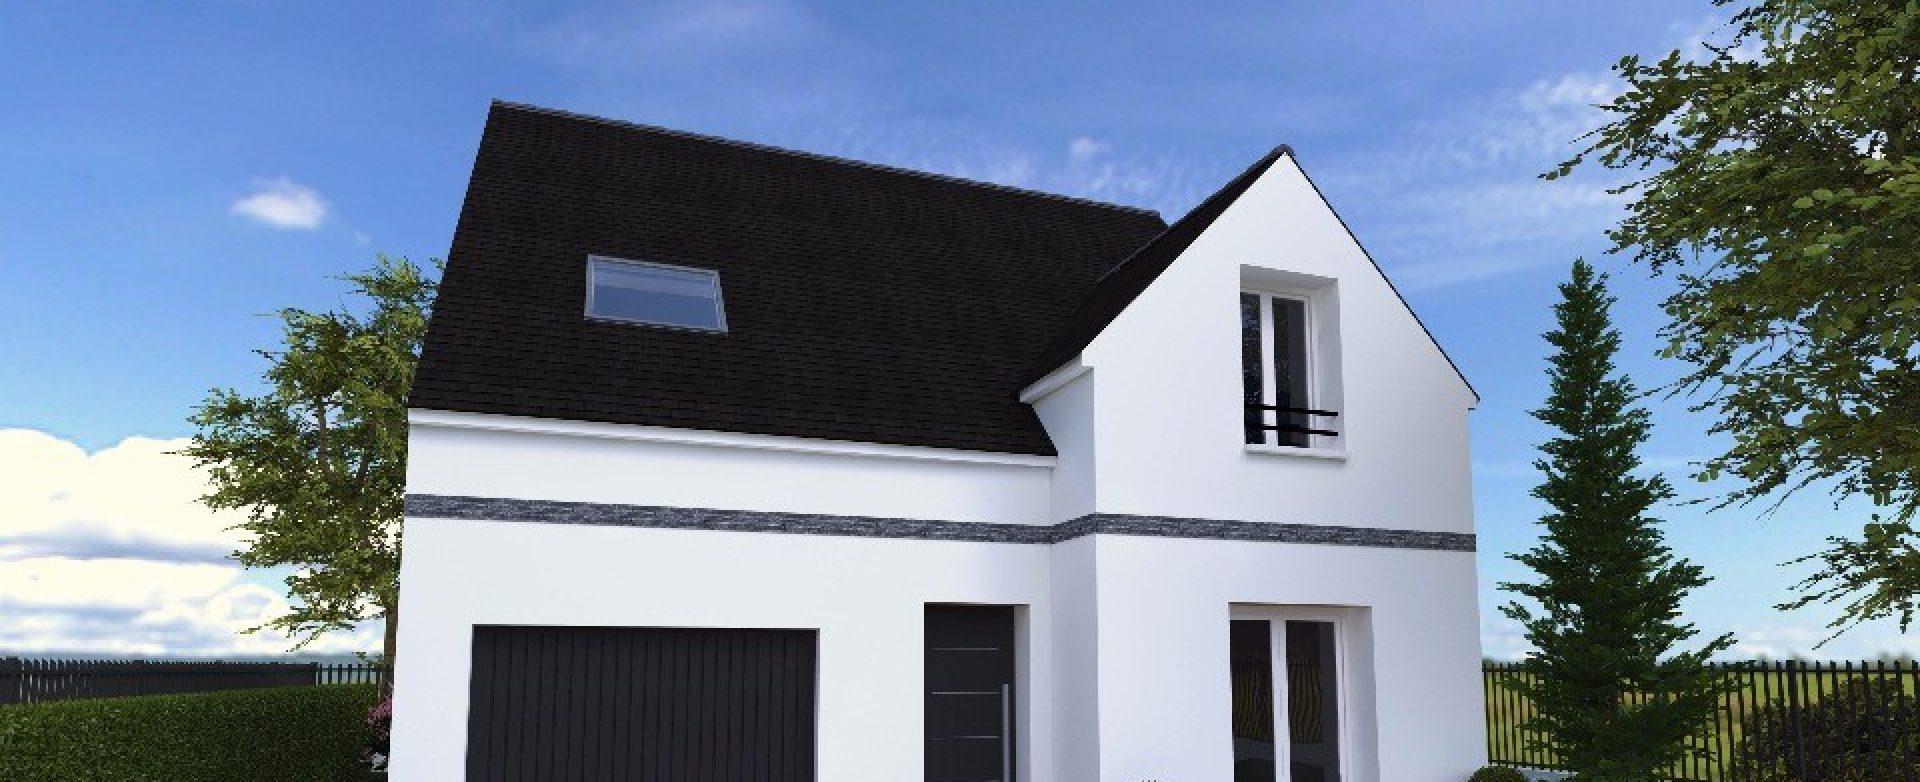 Maison à construire à Boissy Saint Léger (94470)